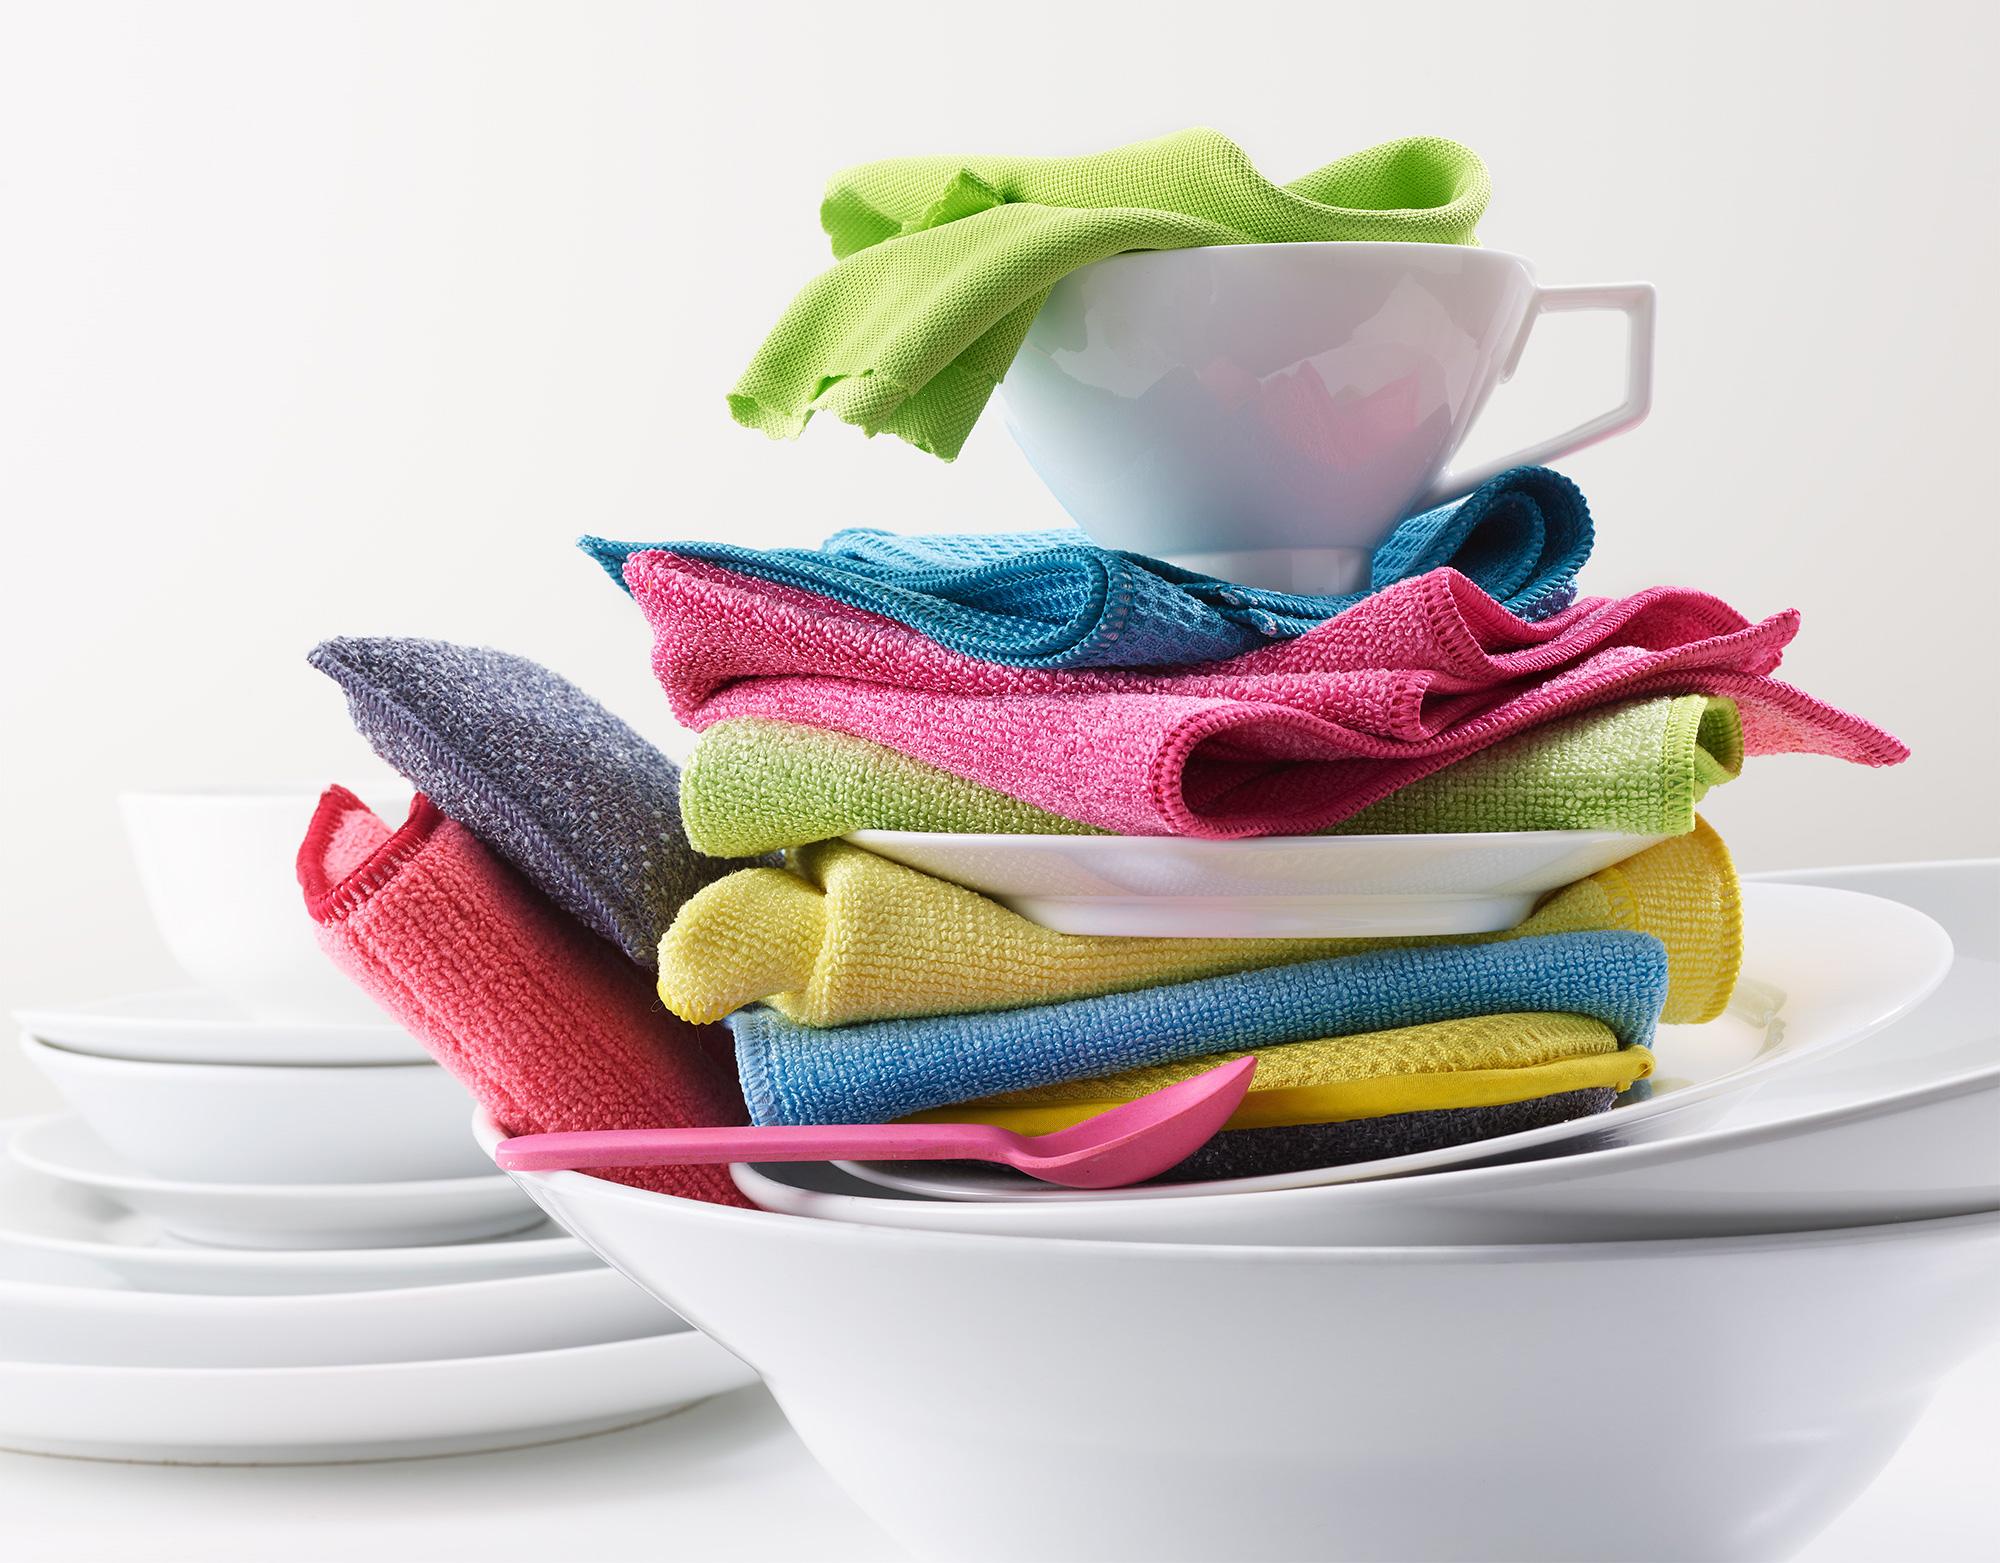 Pads und E-Cloth Reinigungstücher